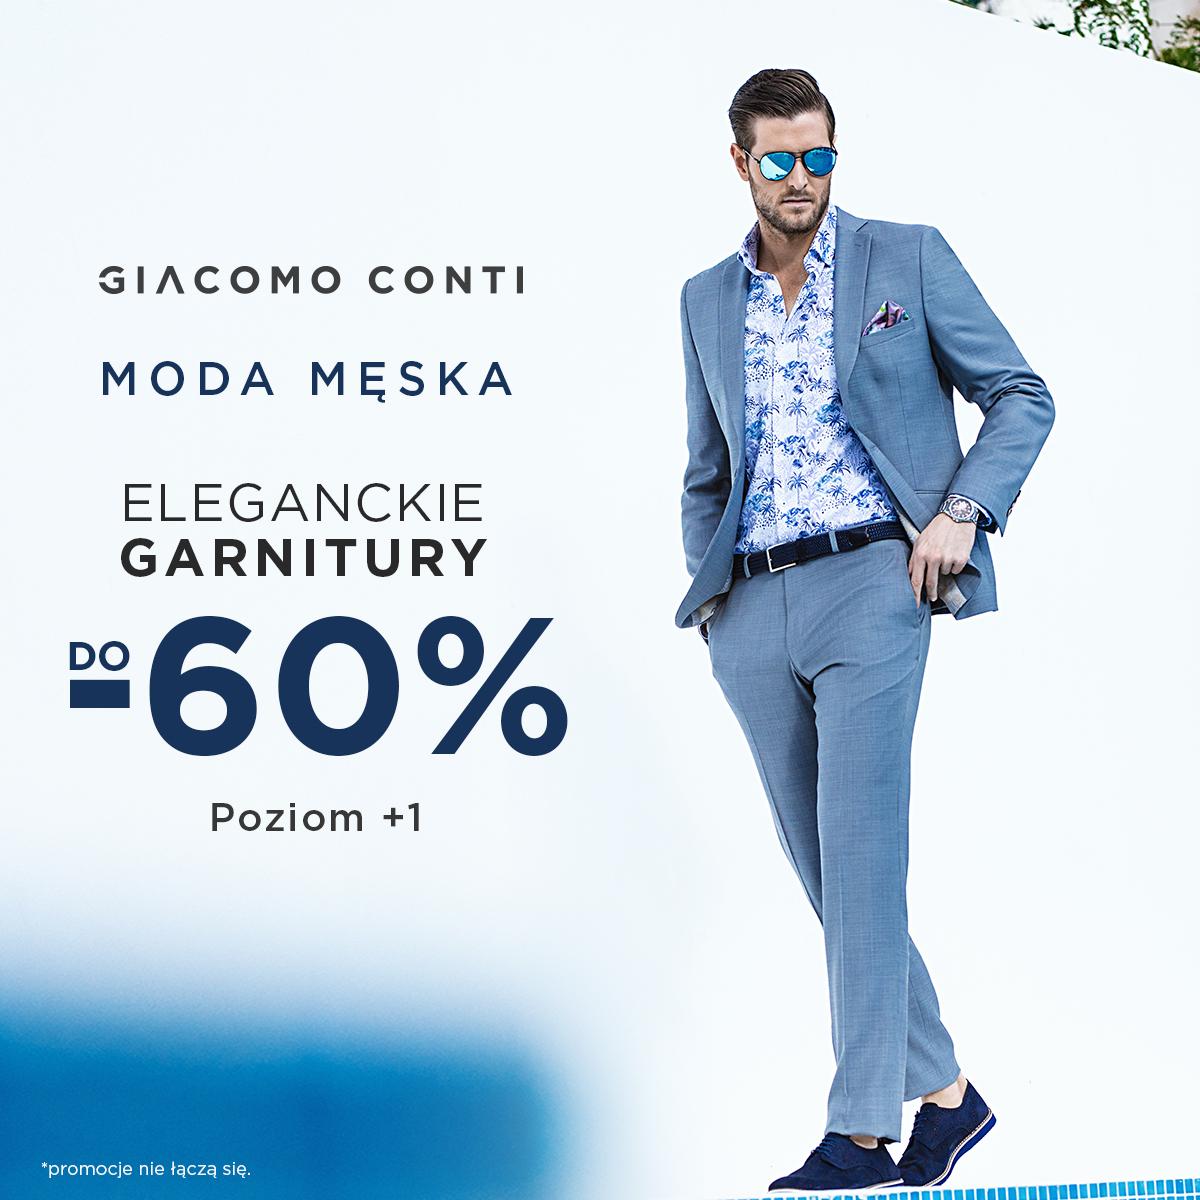 Ekskluzywne garnitury do -60% w Giacomo Conti!